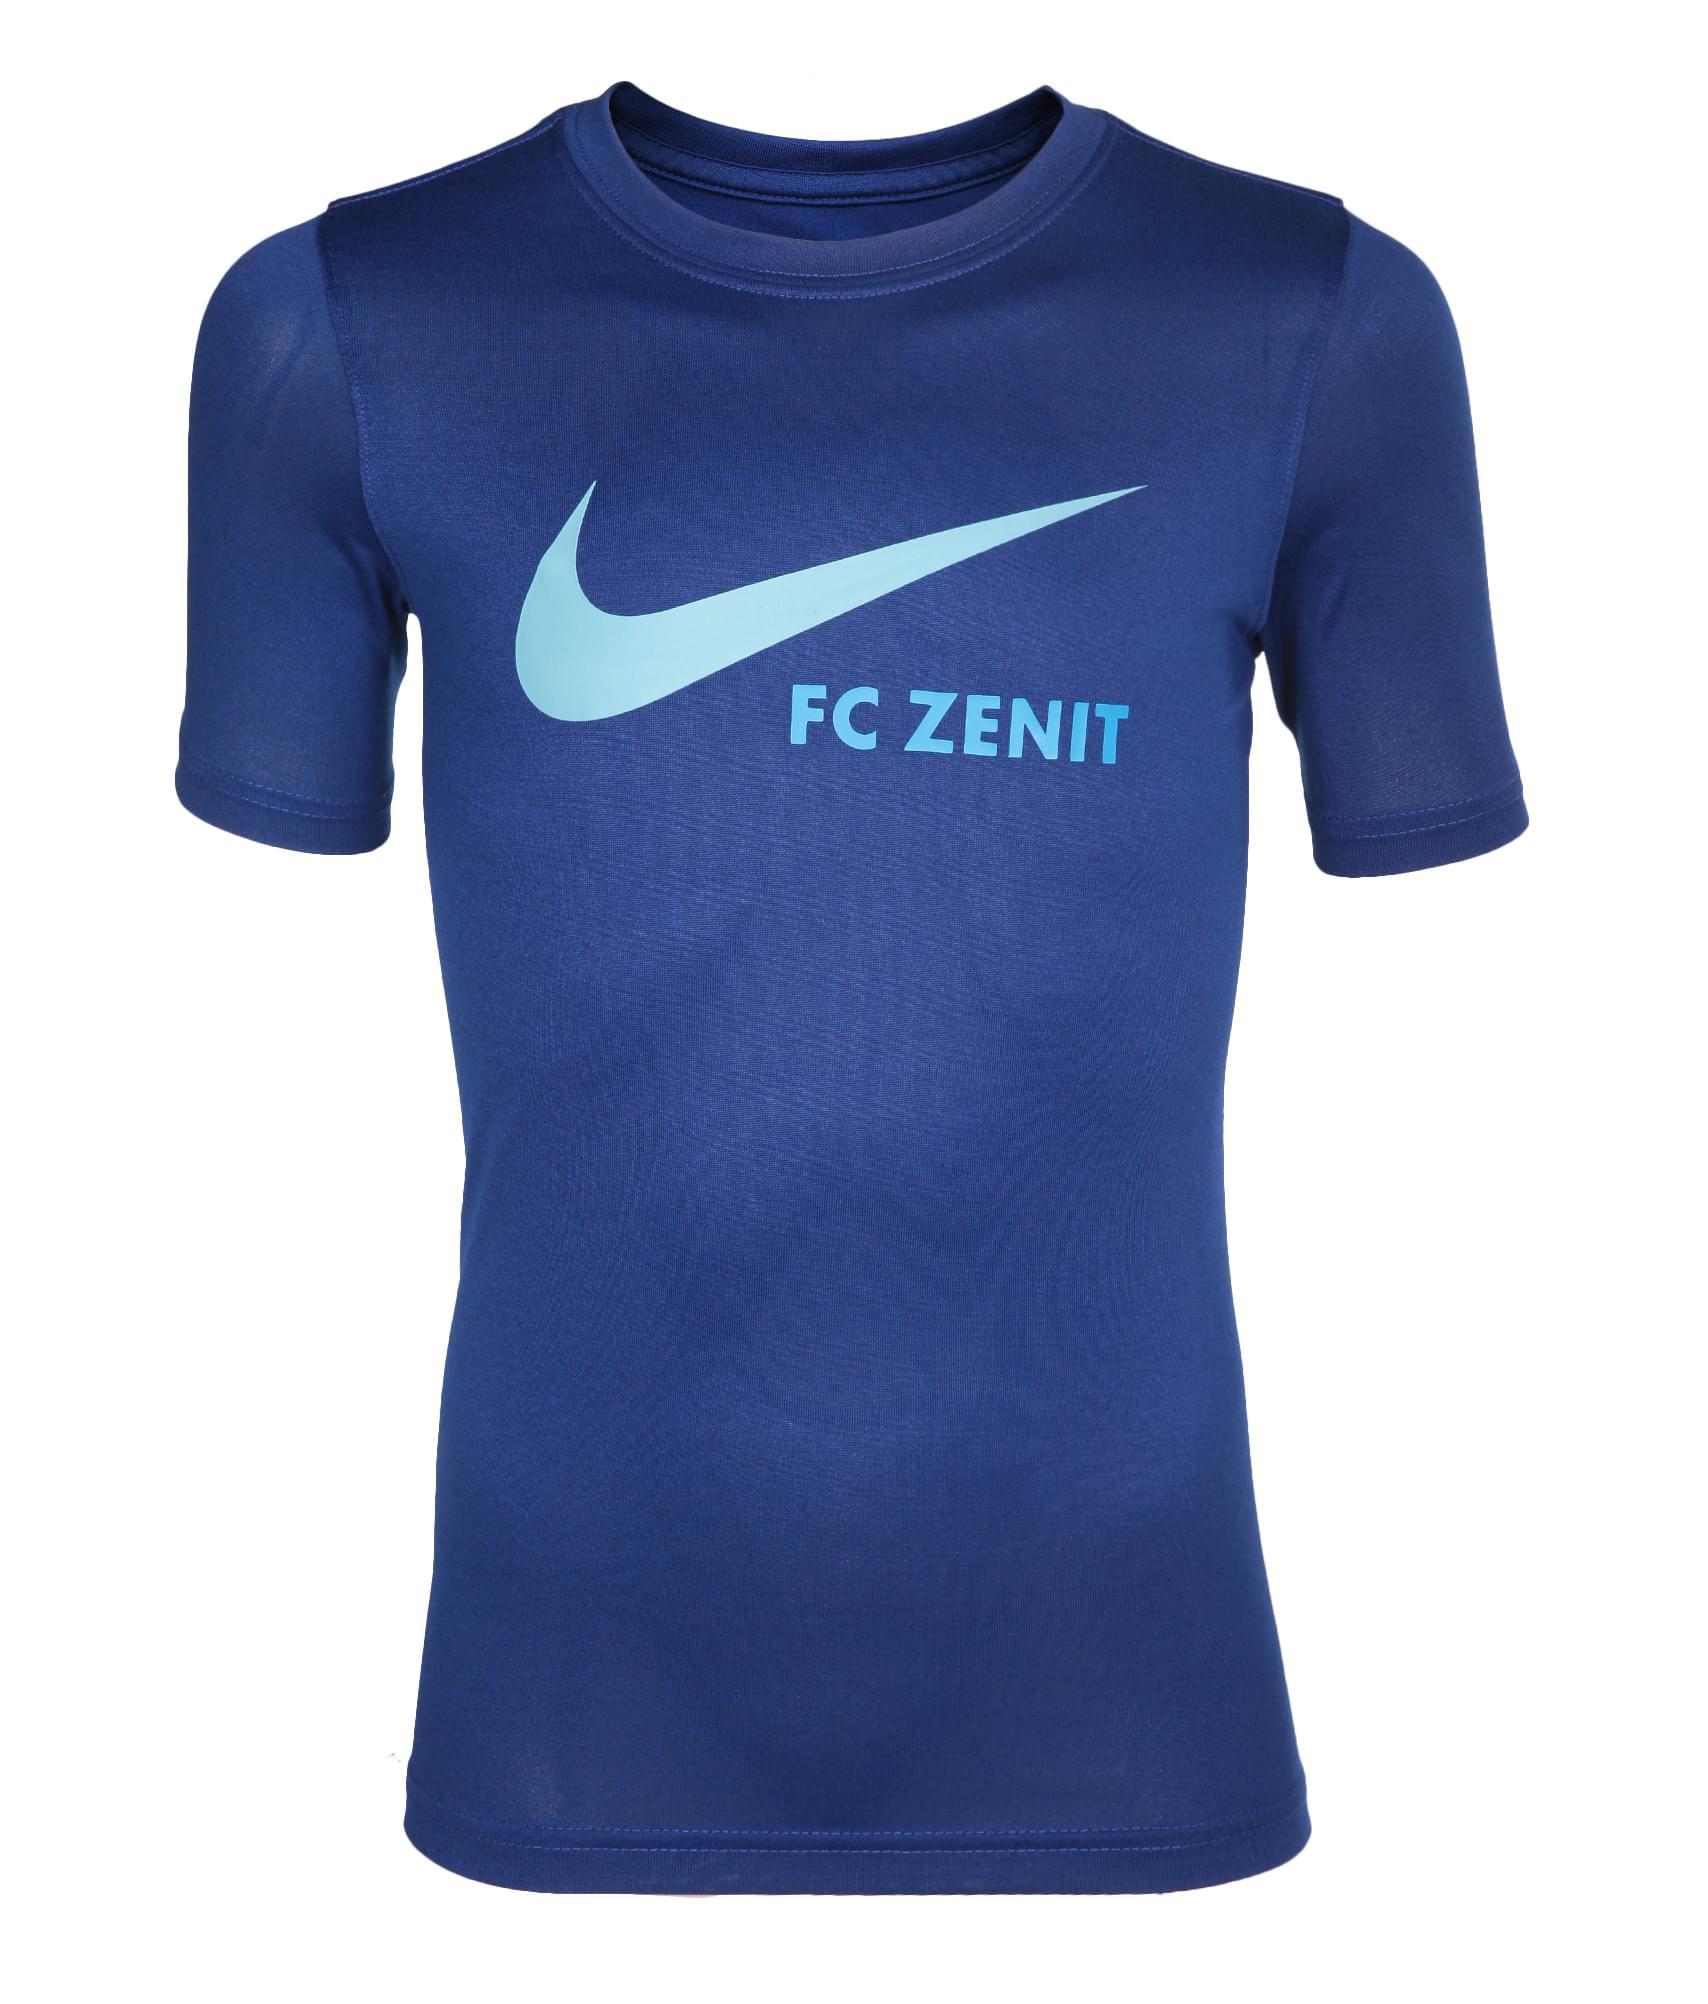 Футболка подростковая Nike, Цвет-Синий, Размер-L игровая форма nike футболка детская nike ss precision iii jsy boys 645918 410